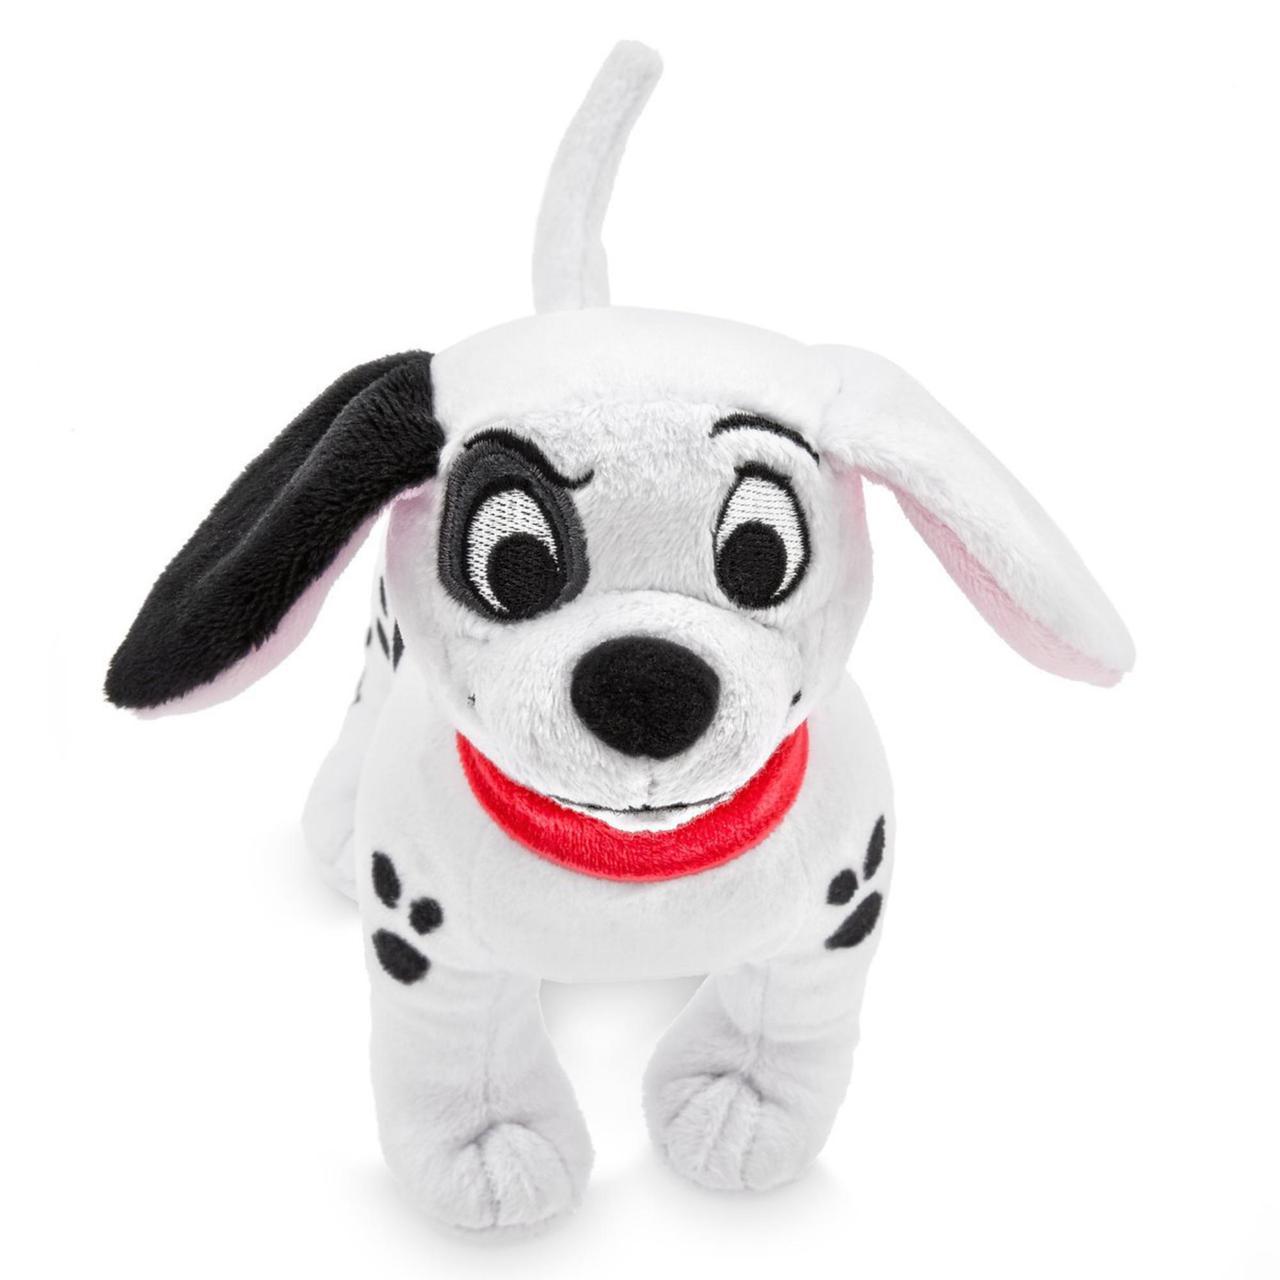 Disney Мягкая игрушка щенок Патч 17см - 101 долматинец